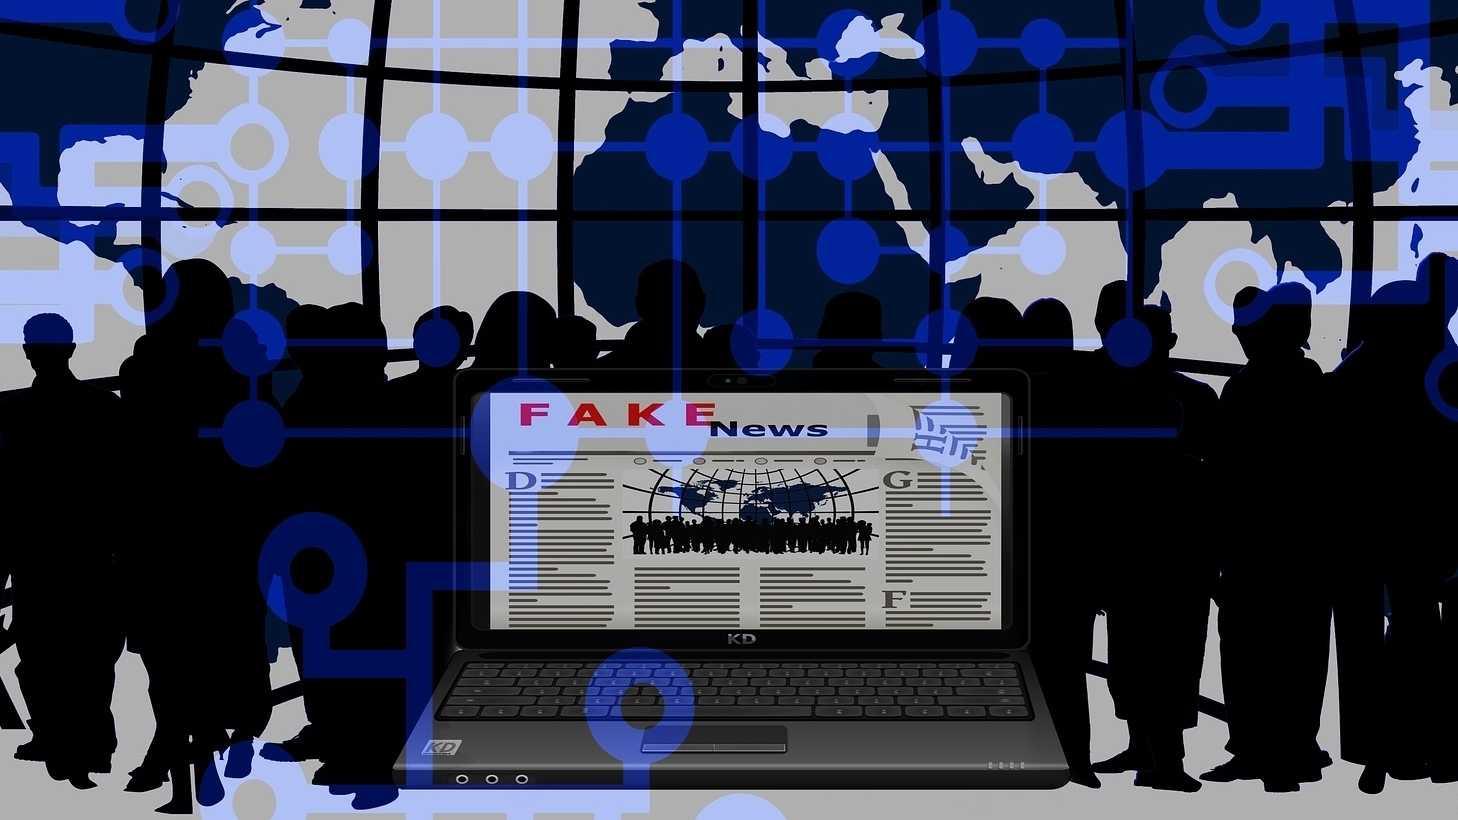 rbb-Programmdirektor: Fake News widerlegen ist eigentlich nicht unser Job